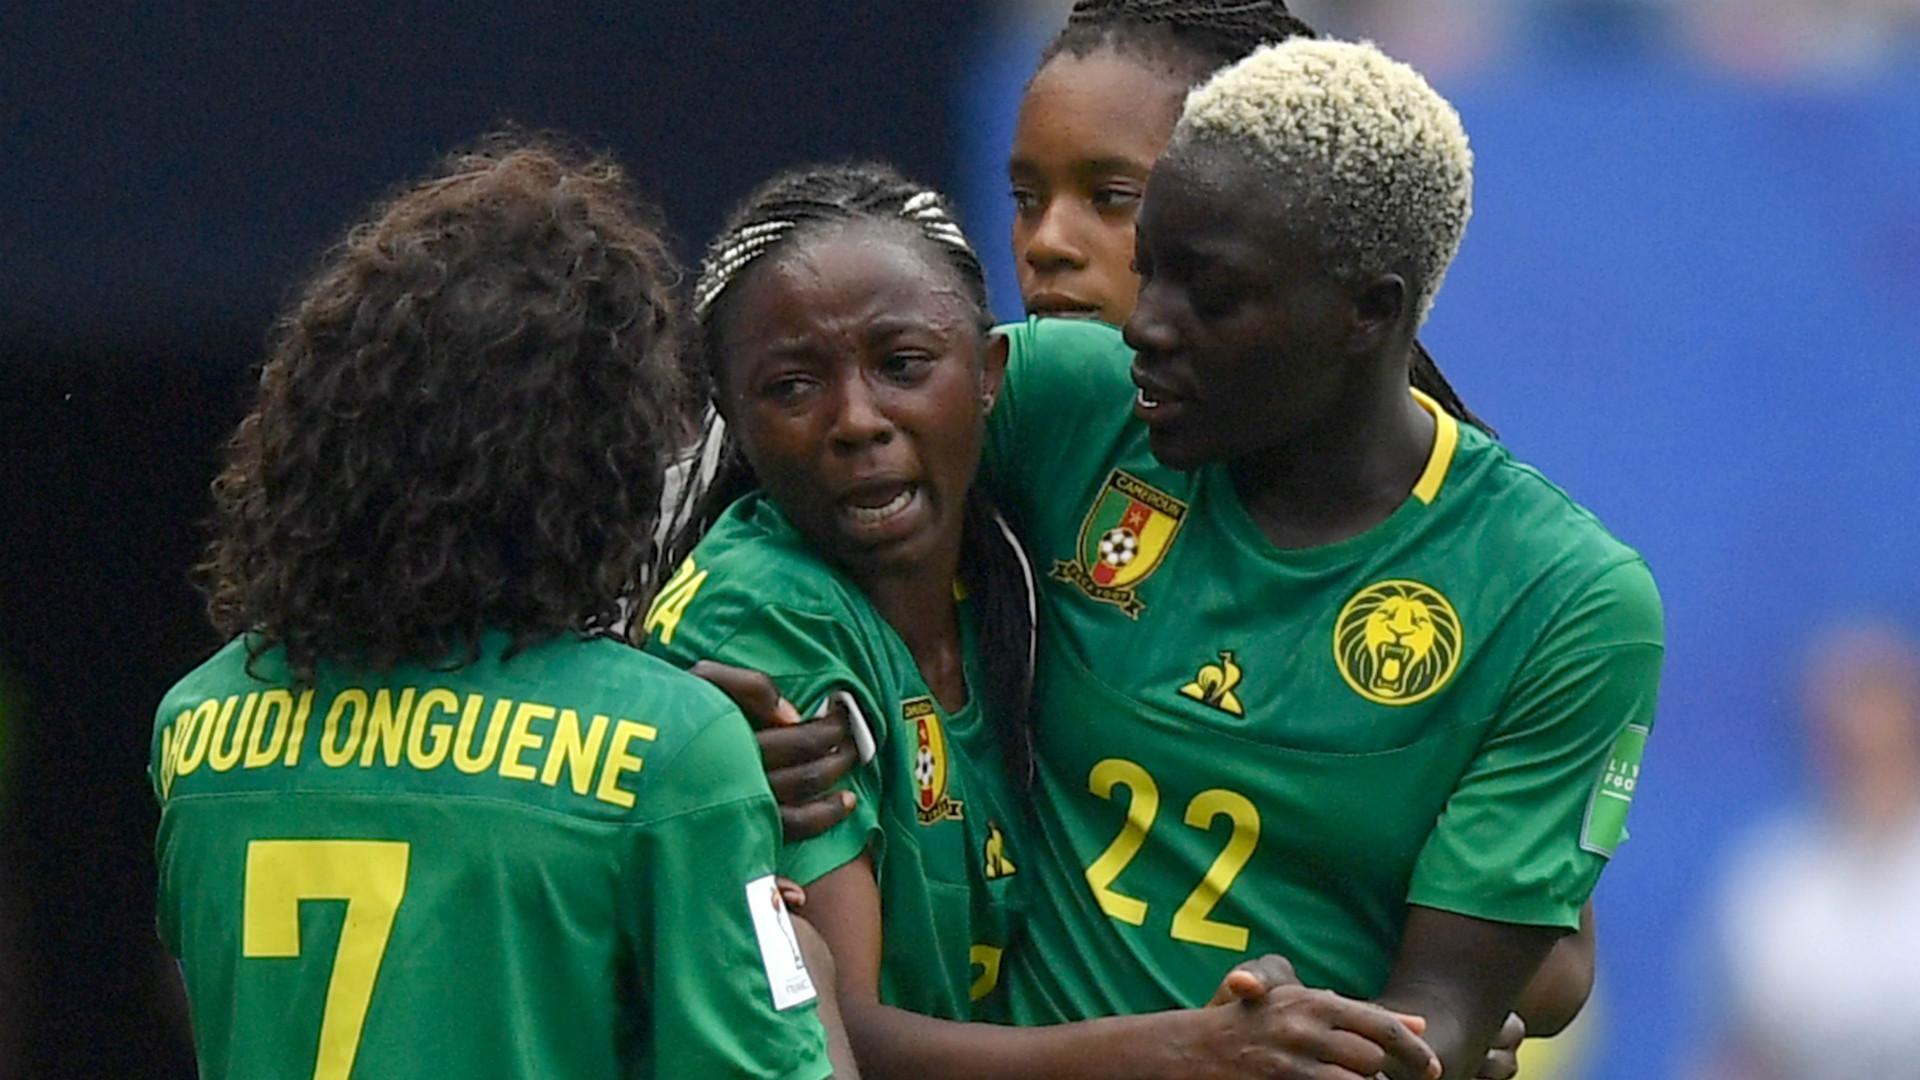 Ajara Nchout Cameroon 2019